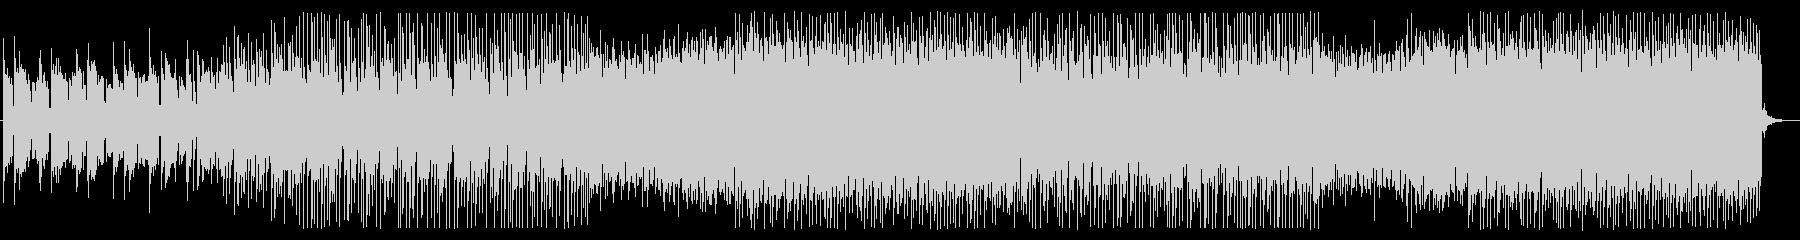 ピアノとシンセサイザーの元気なEDMの未再生の波形